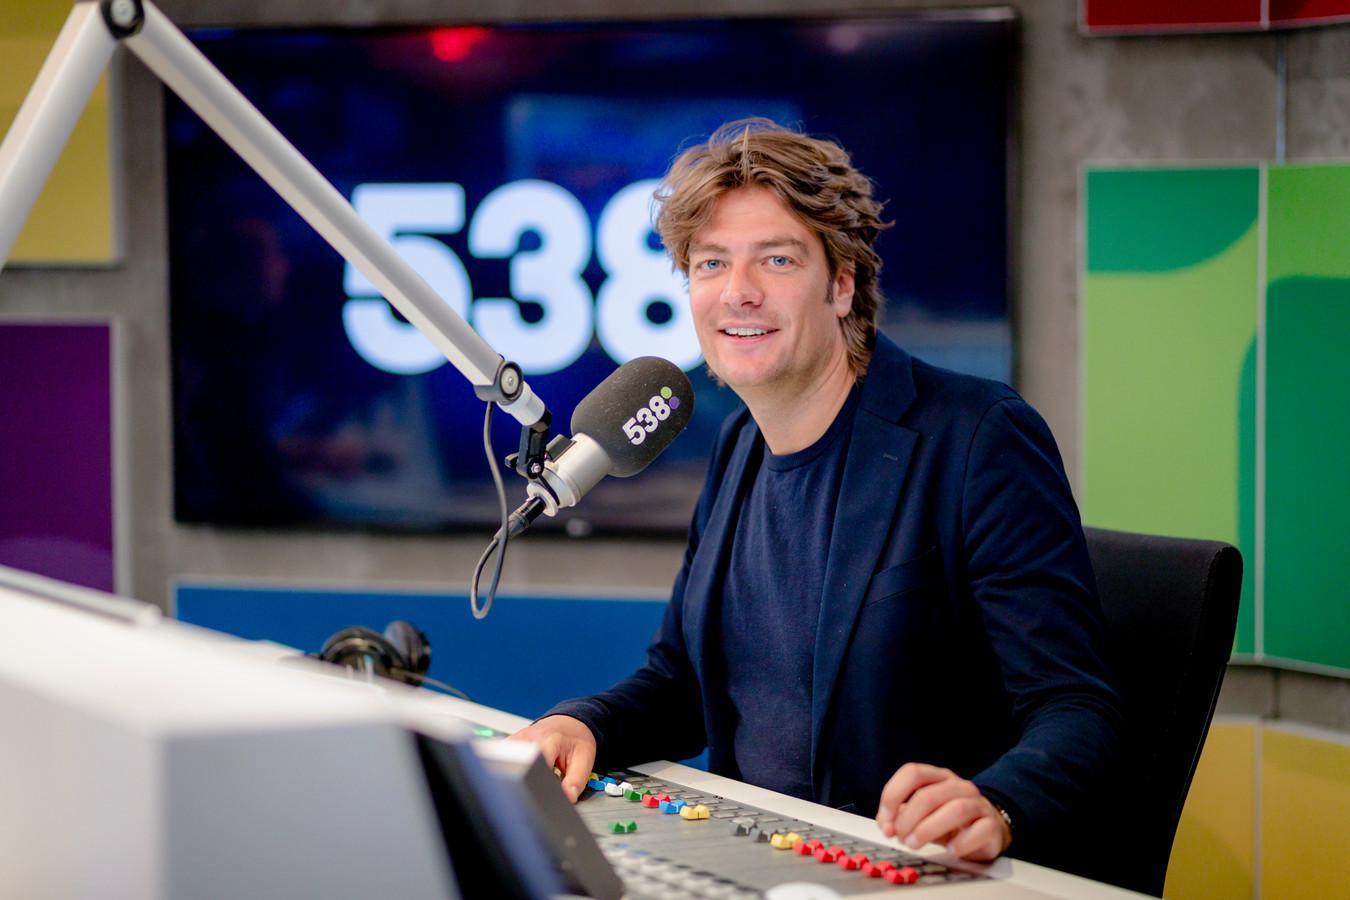 Verschillende mediabedrijven zoals RTL, NOS en Radio 538 hebben last van de storing en werken op noodstroom.